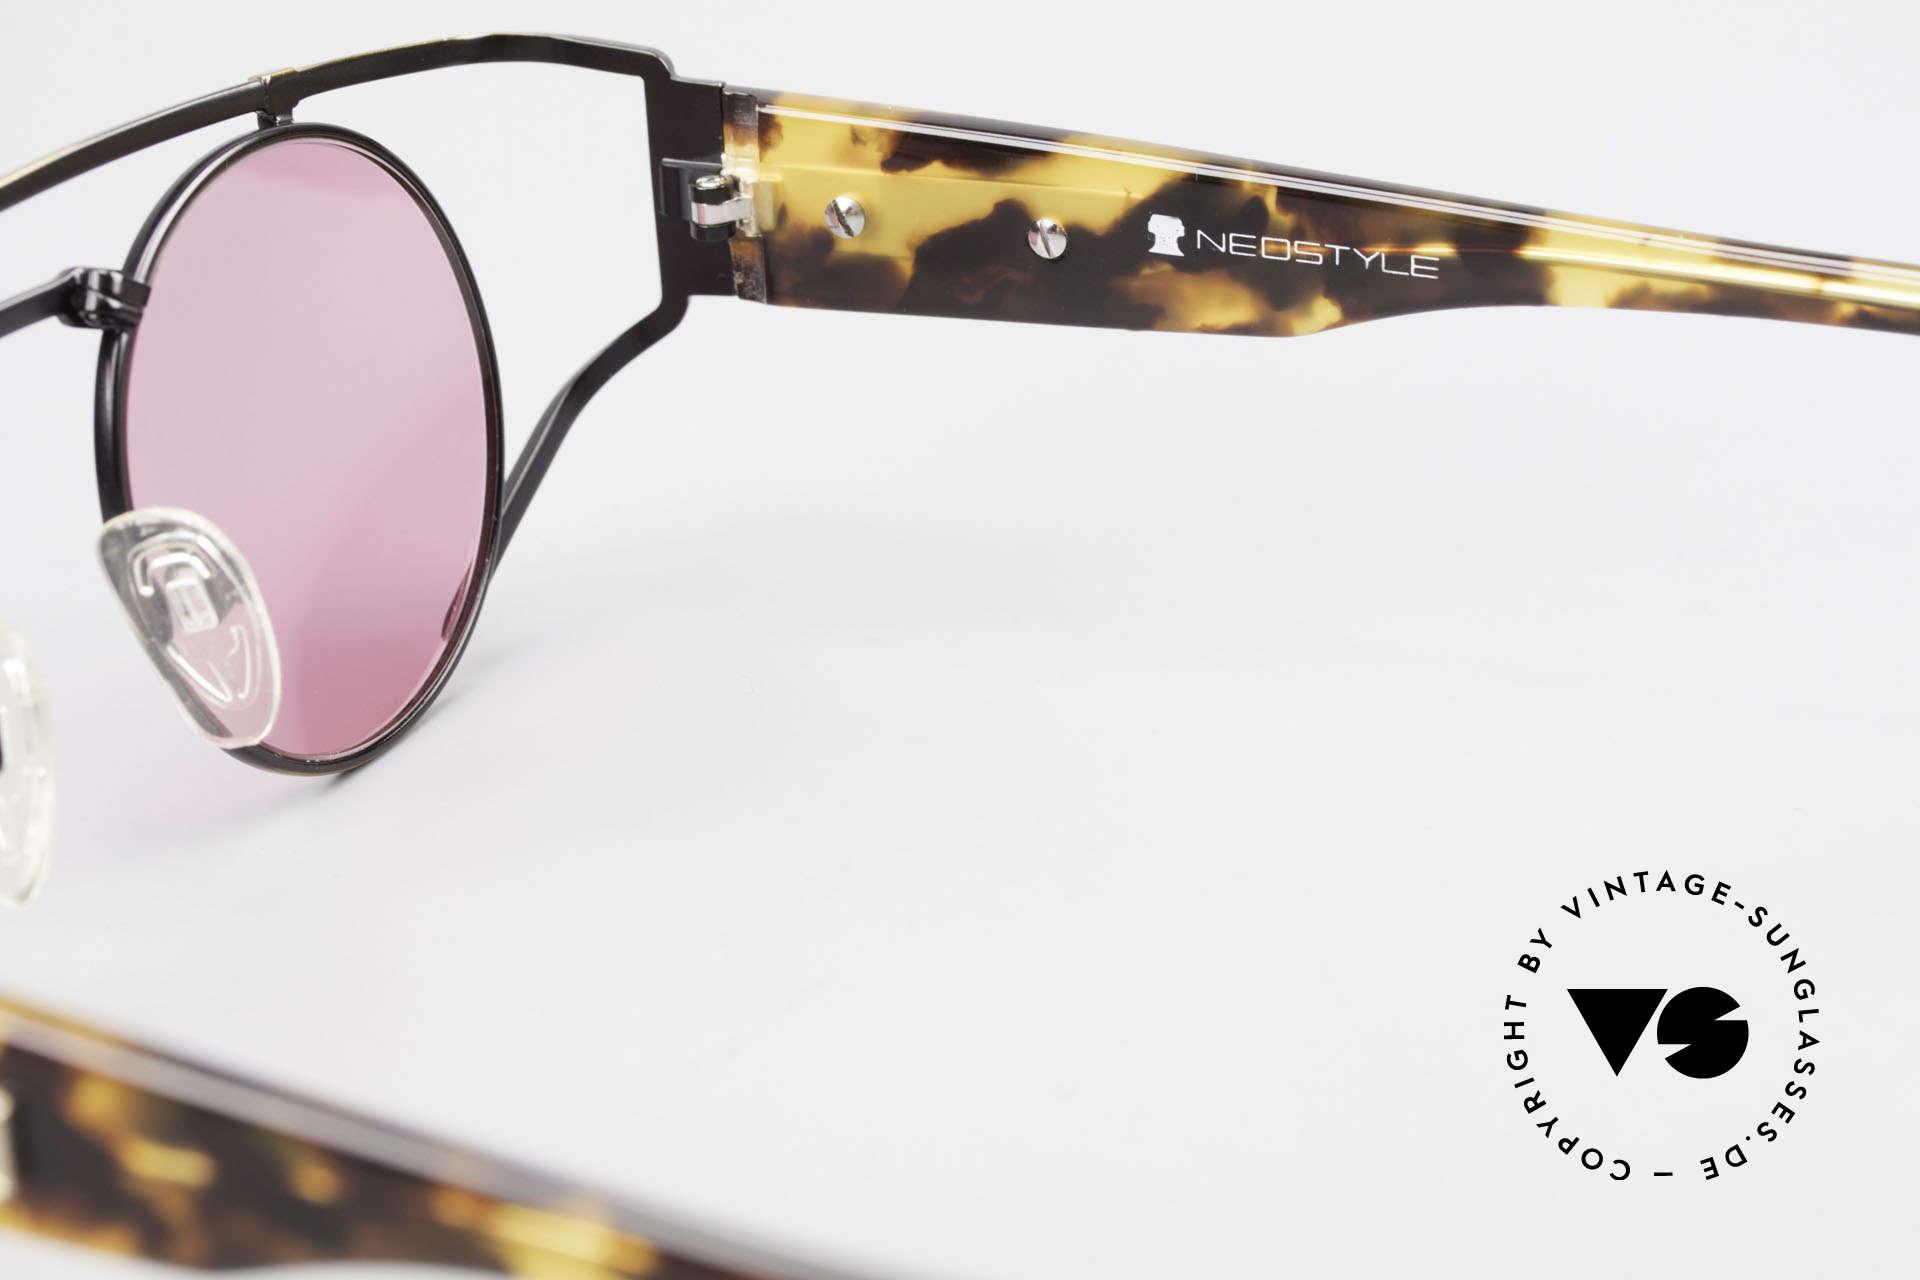 Neostyle Superstar 1 Steampunk Sonnenbrille Pink, Größe: medium, Passend für Herren und Damen